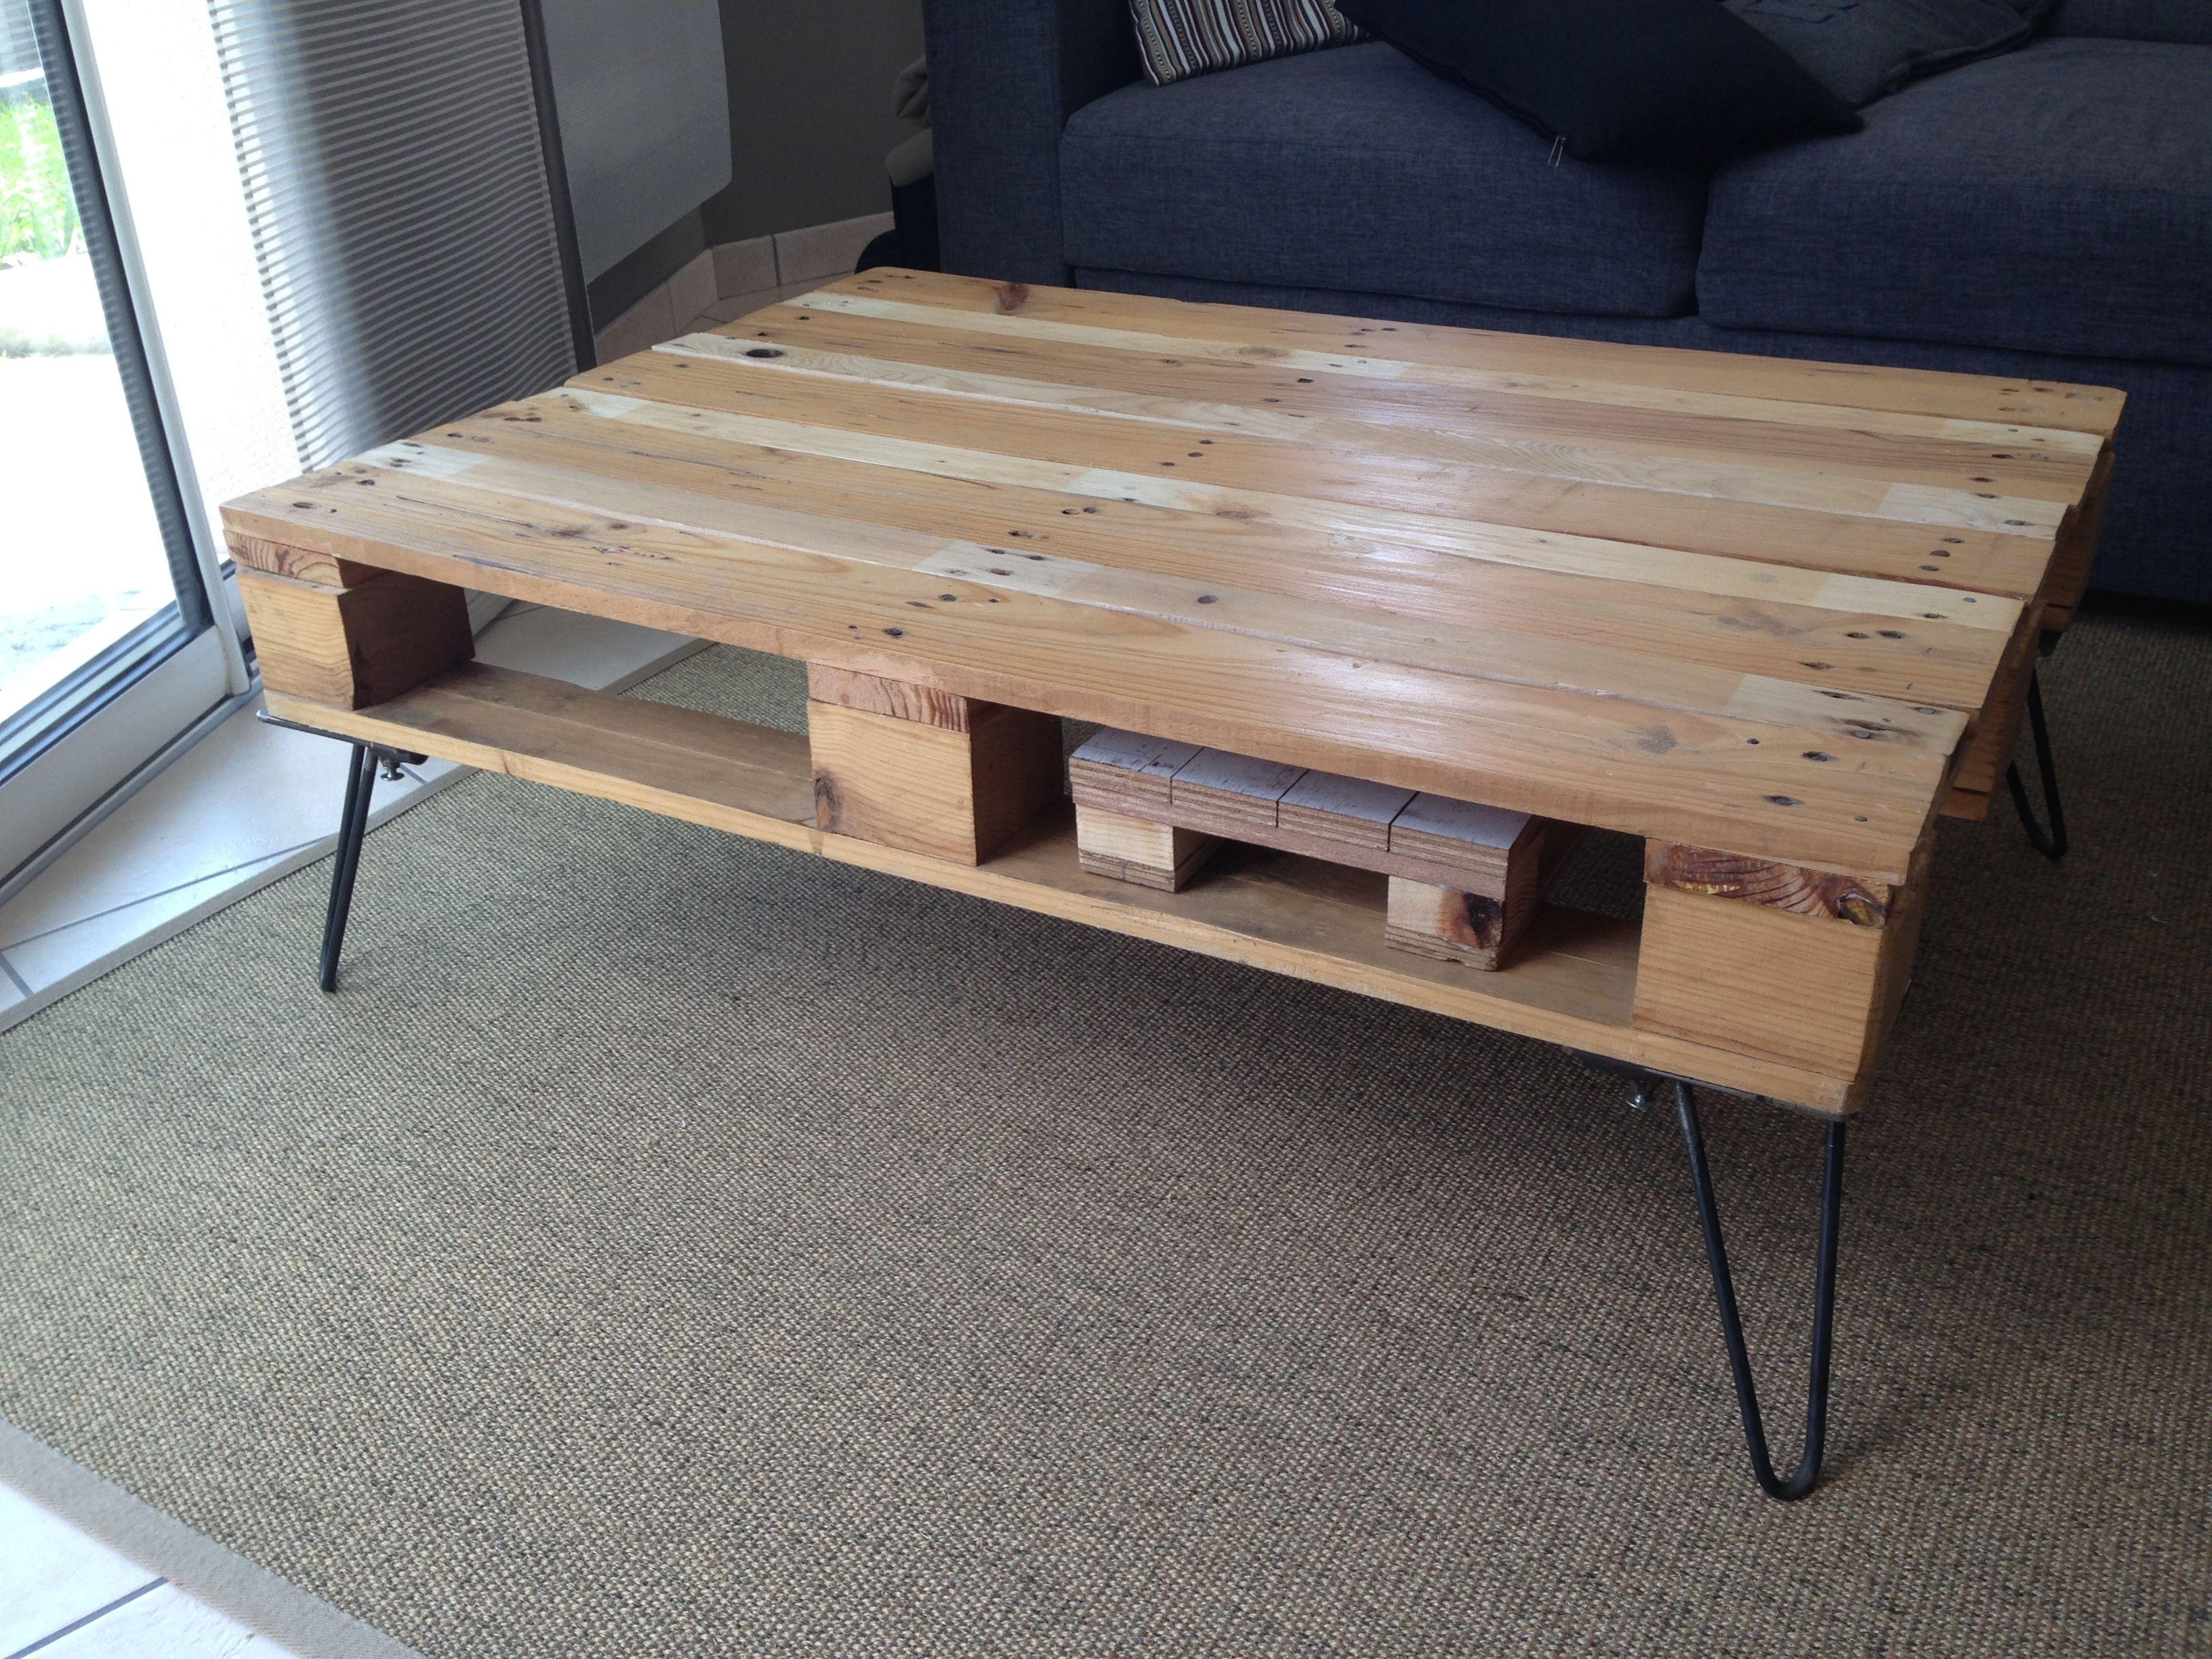 Table Basse Palettes Faitmaison Fierte Table Basse Table De